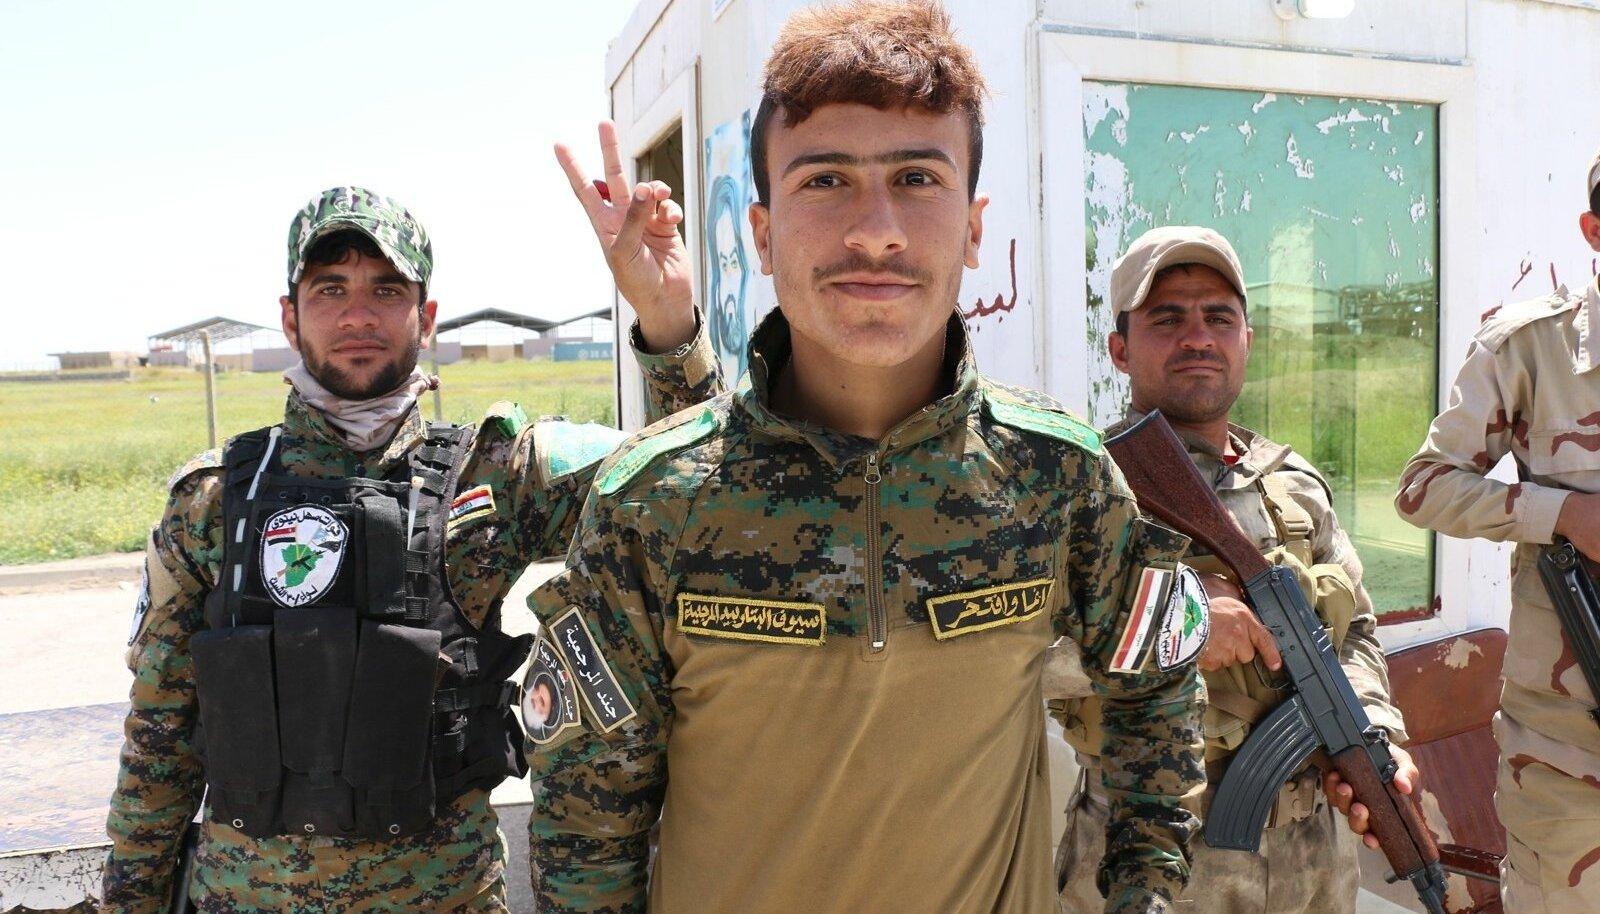 NIINIVE-TASANDIKU KAITSEÜKSUSED: ainult üks Iraagi paljudest püssi jõul tegutsevatest formeeringutest.